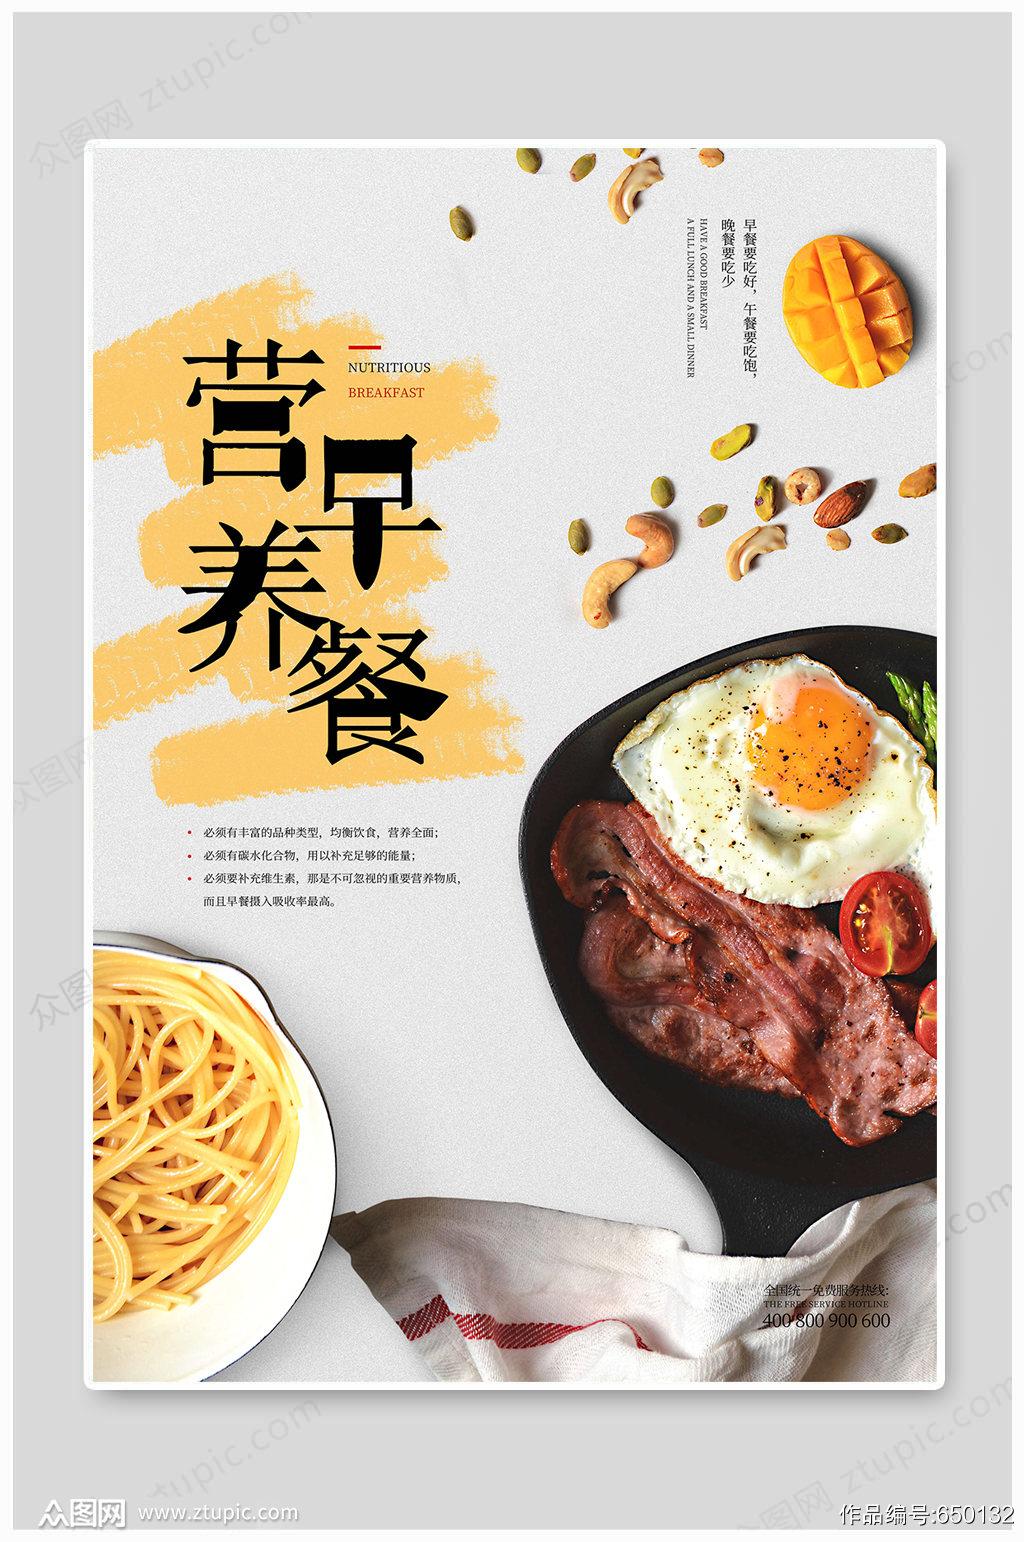 营养早餐美味海报素材